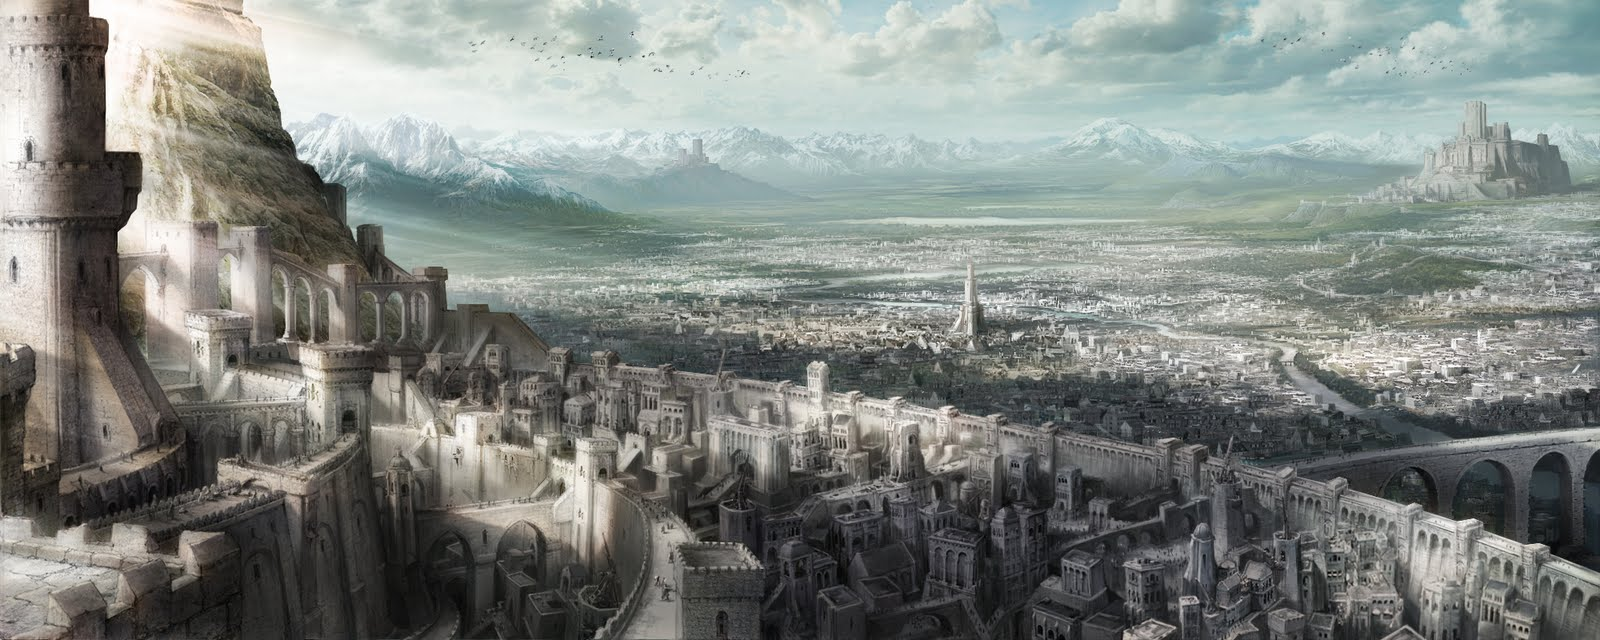 ¿Cuál sería la capital del Imperio Calrádico? - Página 2 Demonssouls_5F00_conceptart_5F00_moviestill_5F00_06